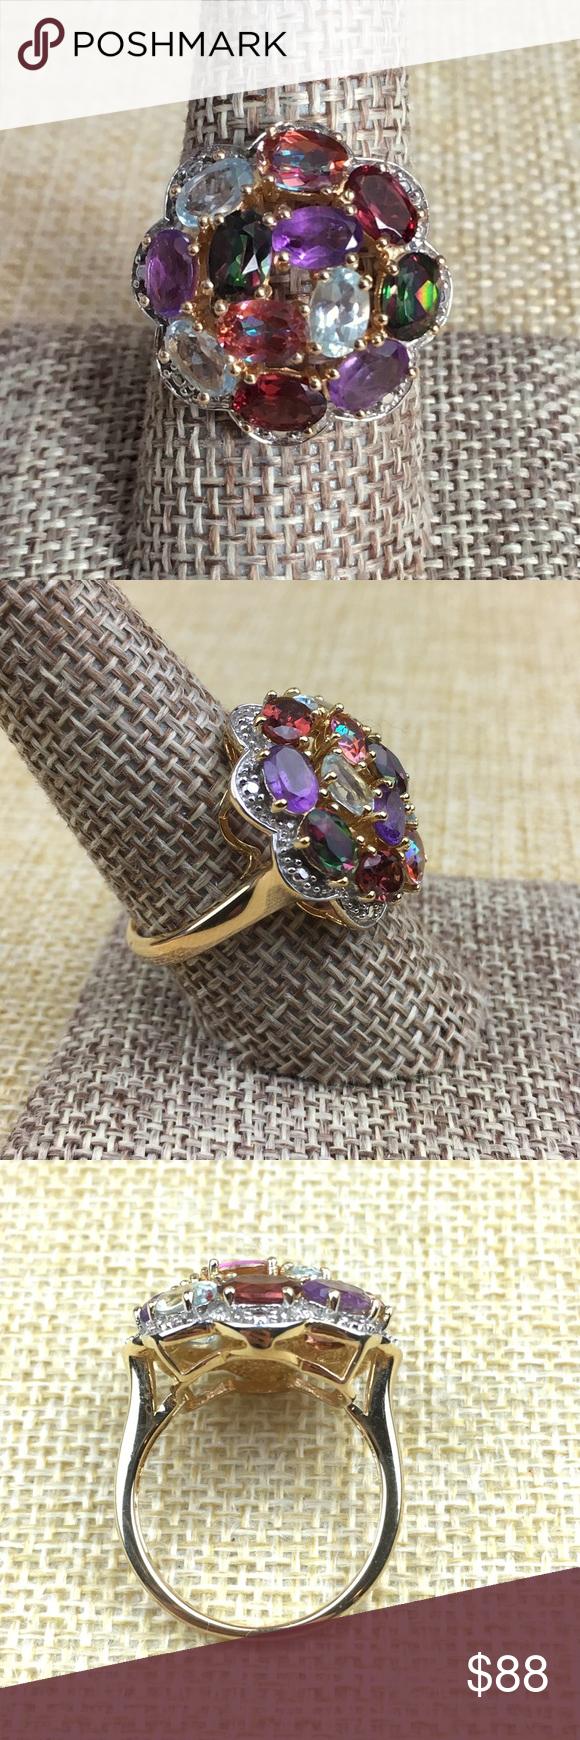 Clyde Duneier CID Gemstone Vermeil Ring Size 9 Womens